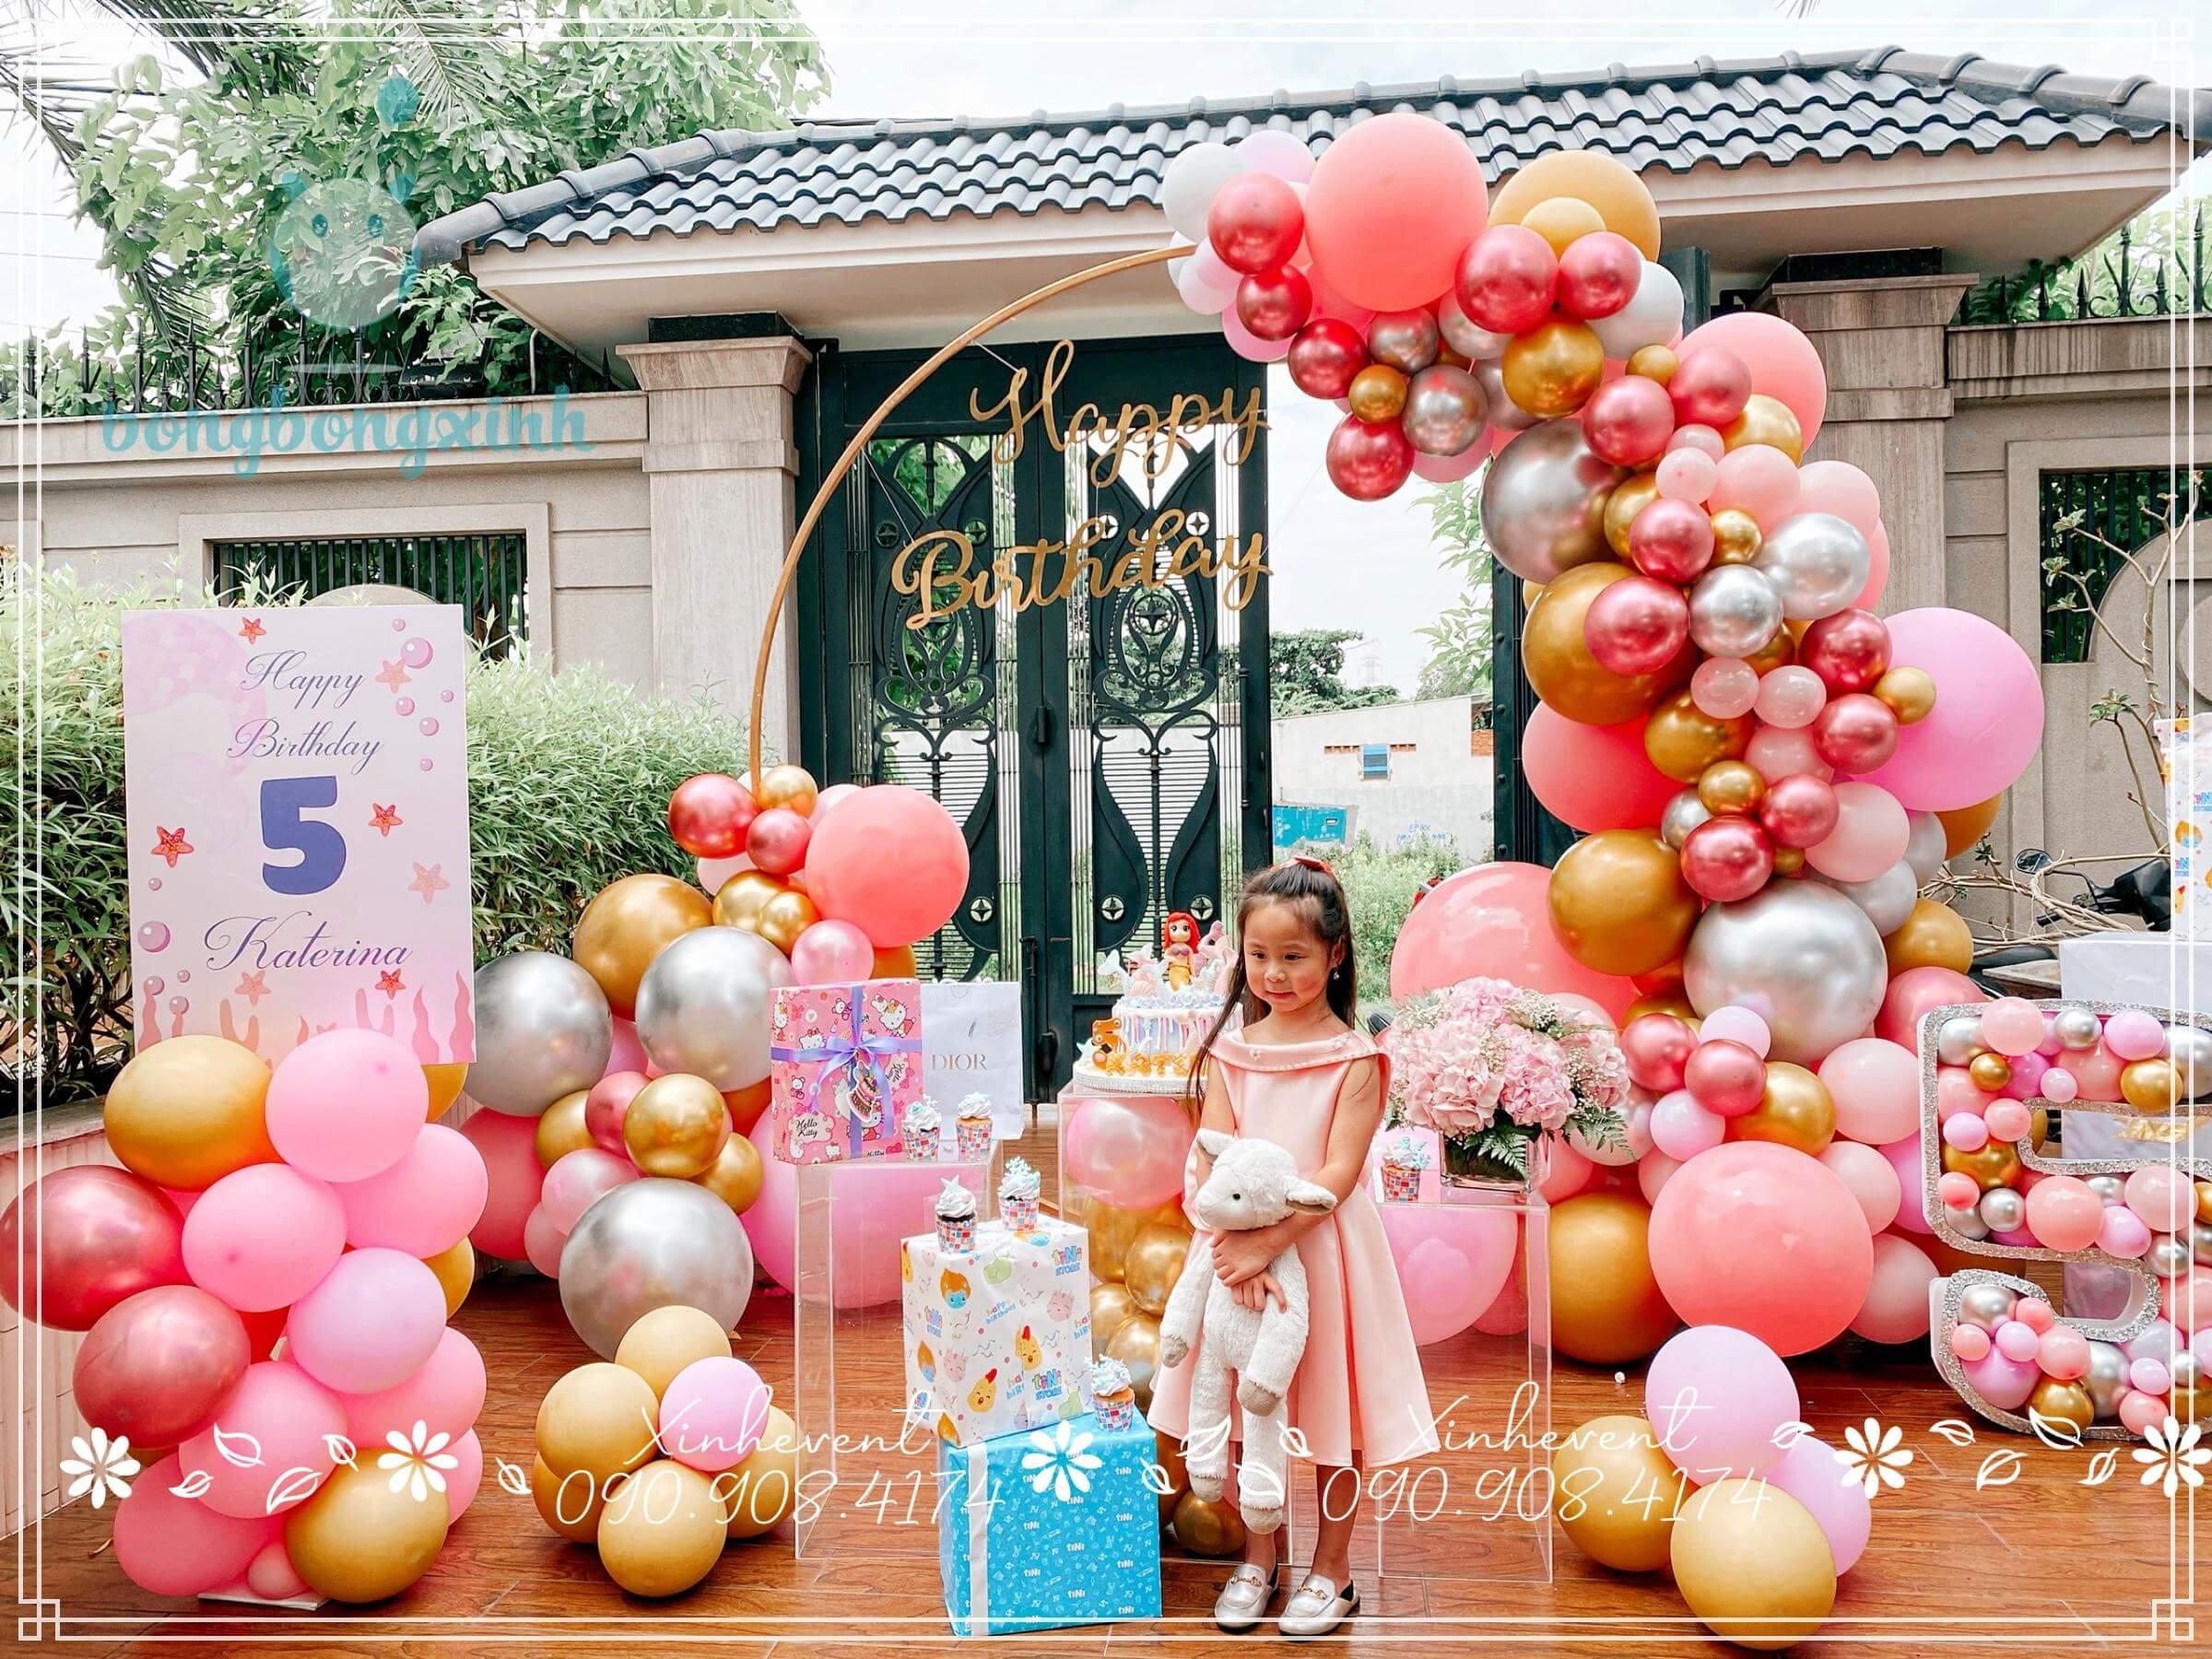 Cận cảnh Backdrop trang trí sinh nhật tuyệt đẹp cho bé Katerina